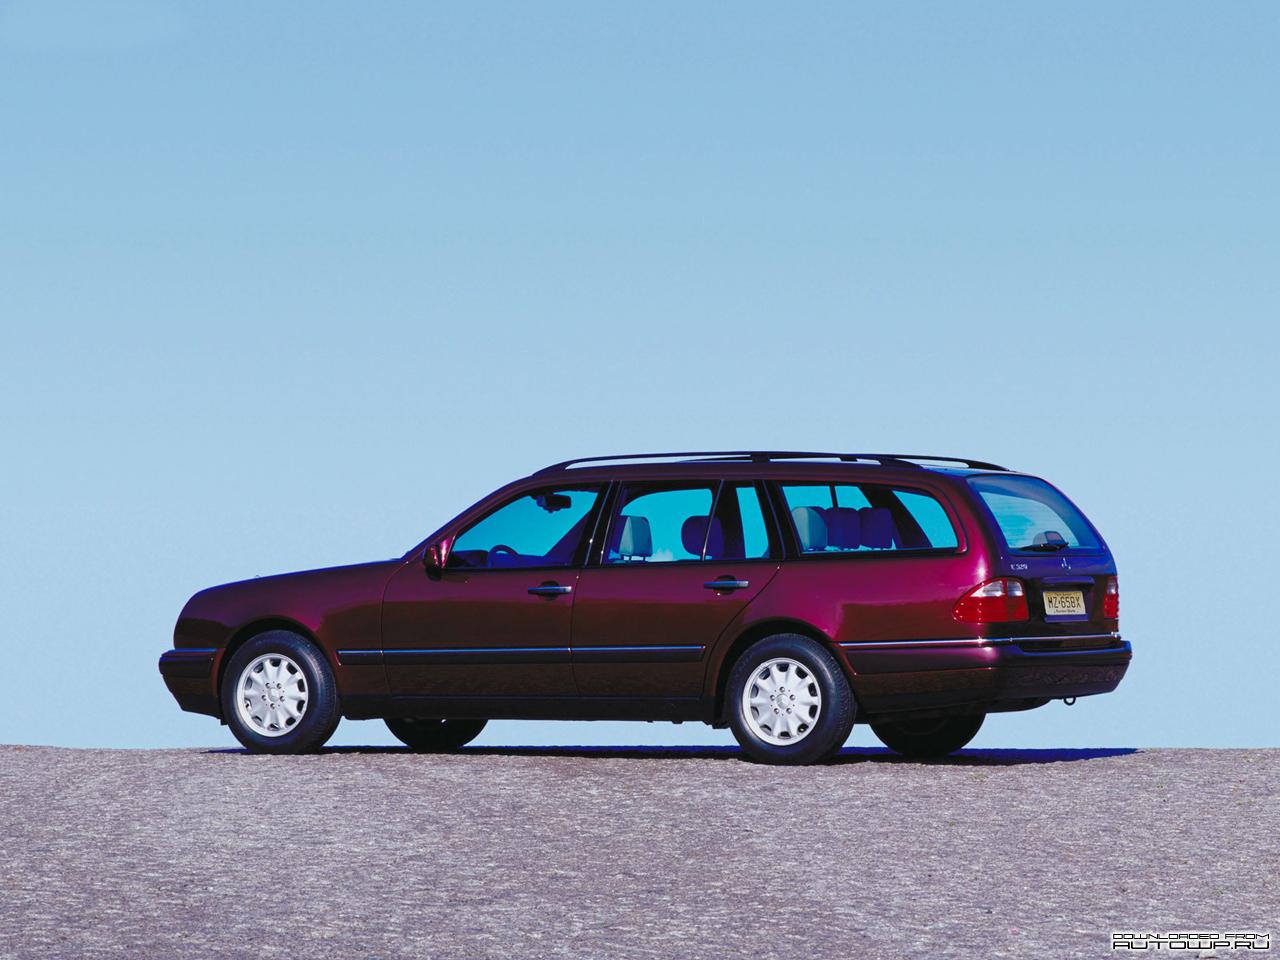 Mercedes_Benz-E_Class_Estate_S210_mp35_pic_76684.jpg